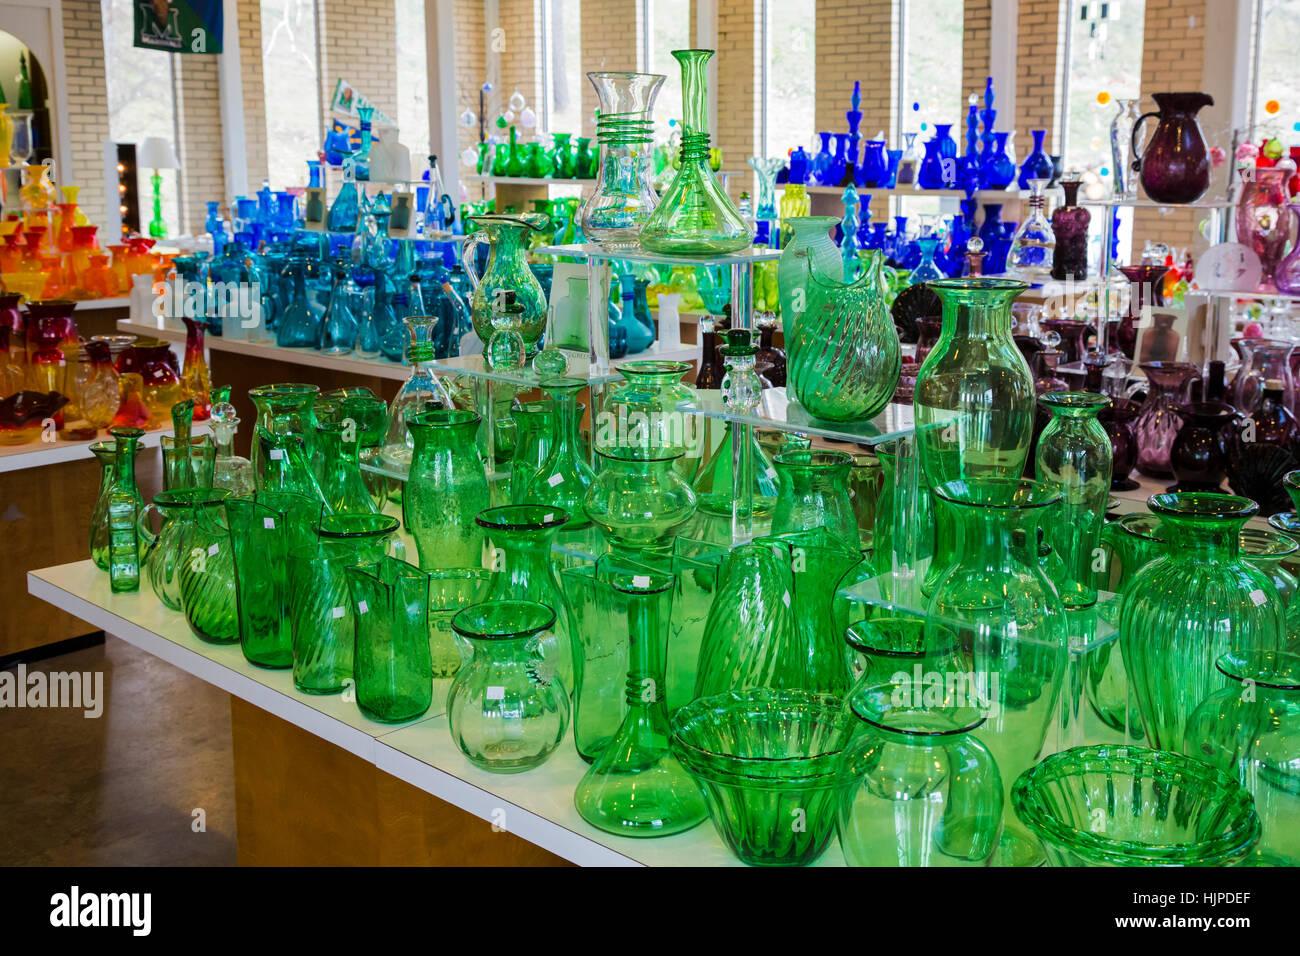 Milton, West Virginia - El vidrio soplado a mano en venta en el centro de visitantes del Blenko Glass Company. Imagen De Stock